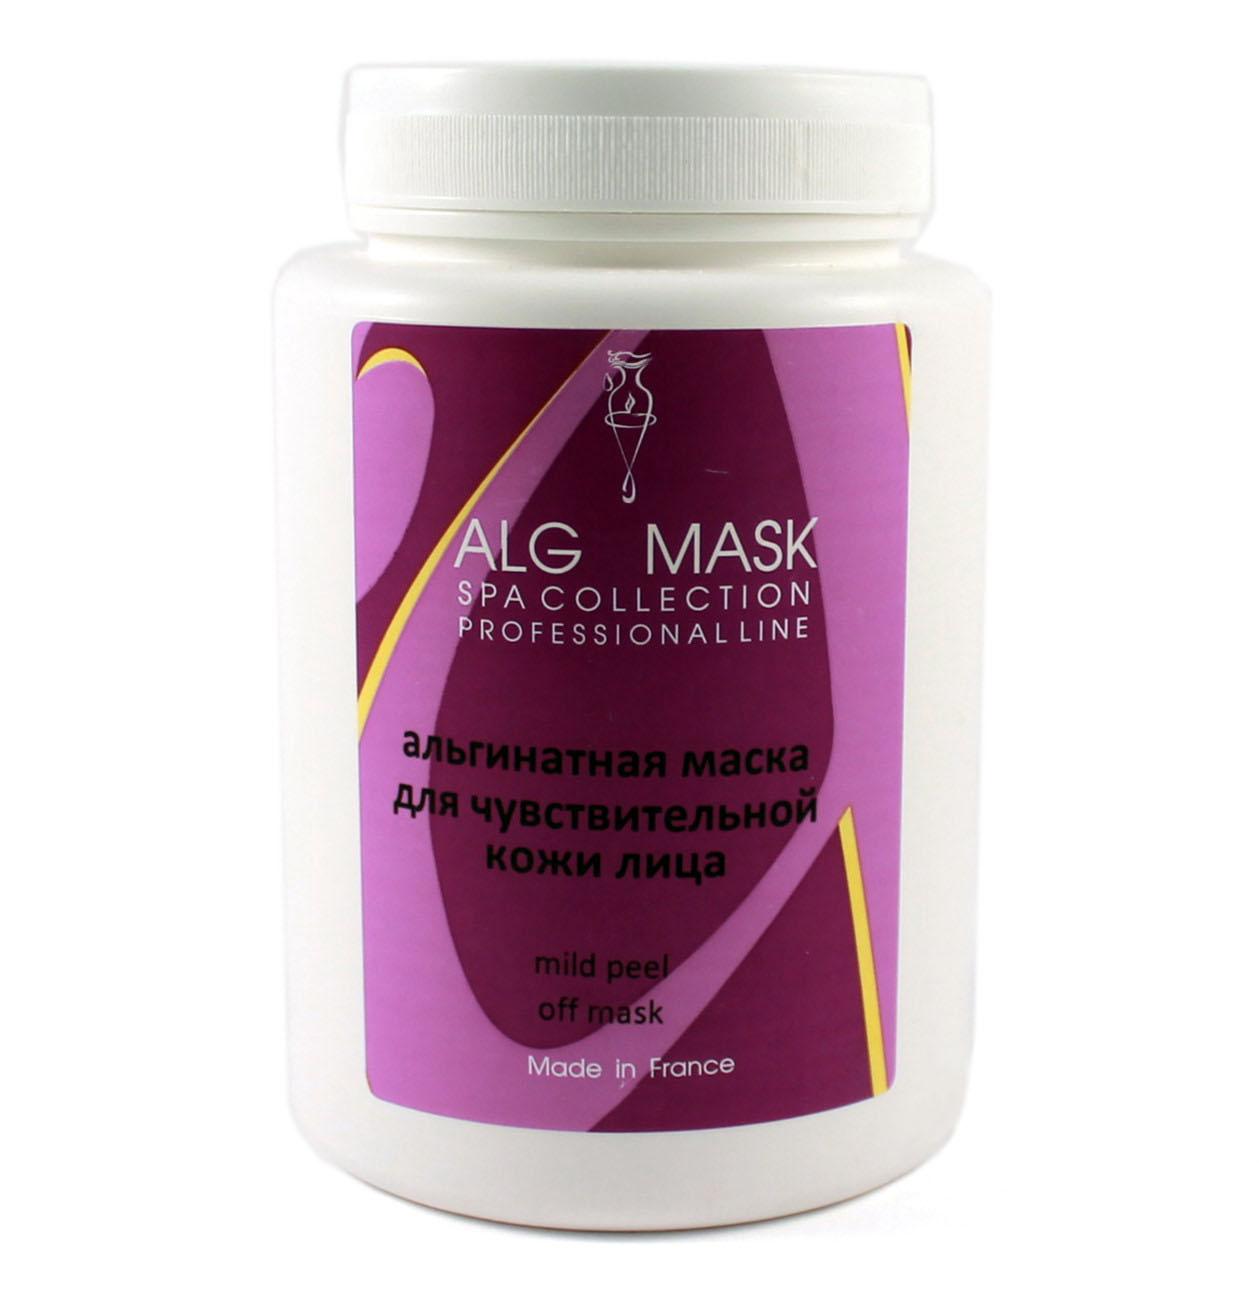 Альгинатная маска Alg   Spa для чувствительной кожи лица 1 кг